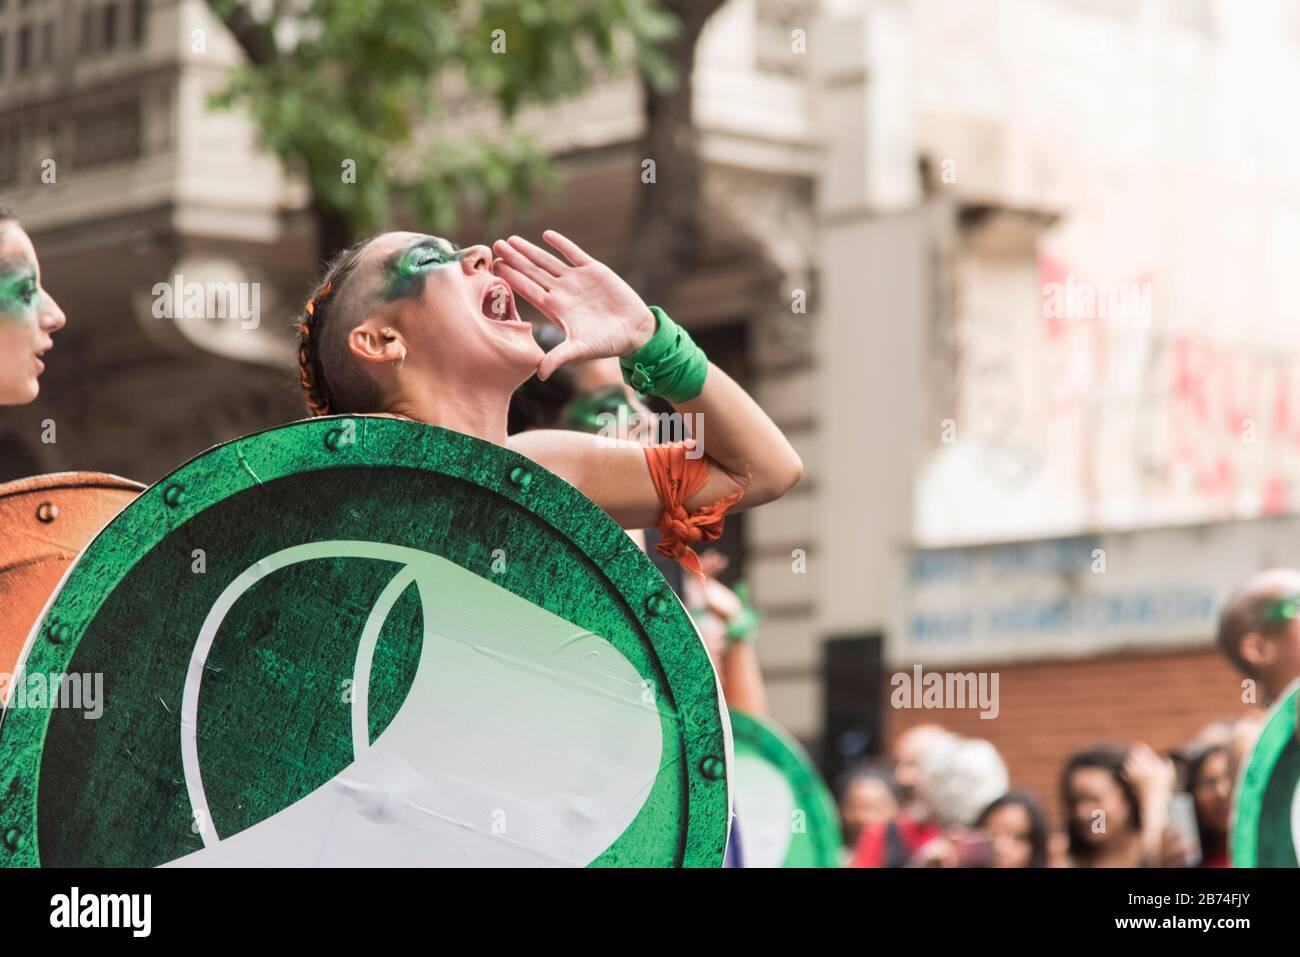 CABA, Buenos Aires / Argentina; 9 de marzo de 2020: Día internacional de la Mujer. Huelga feminista. Mujer joven que defiende la ley de la interrupción legal, segura y libre Foto de stock